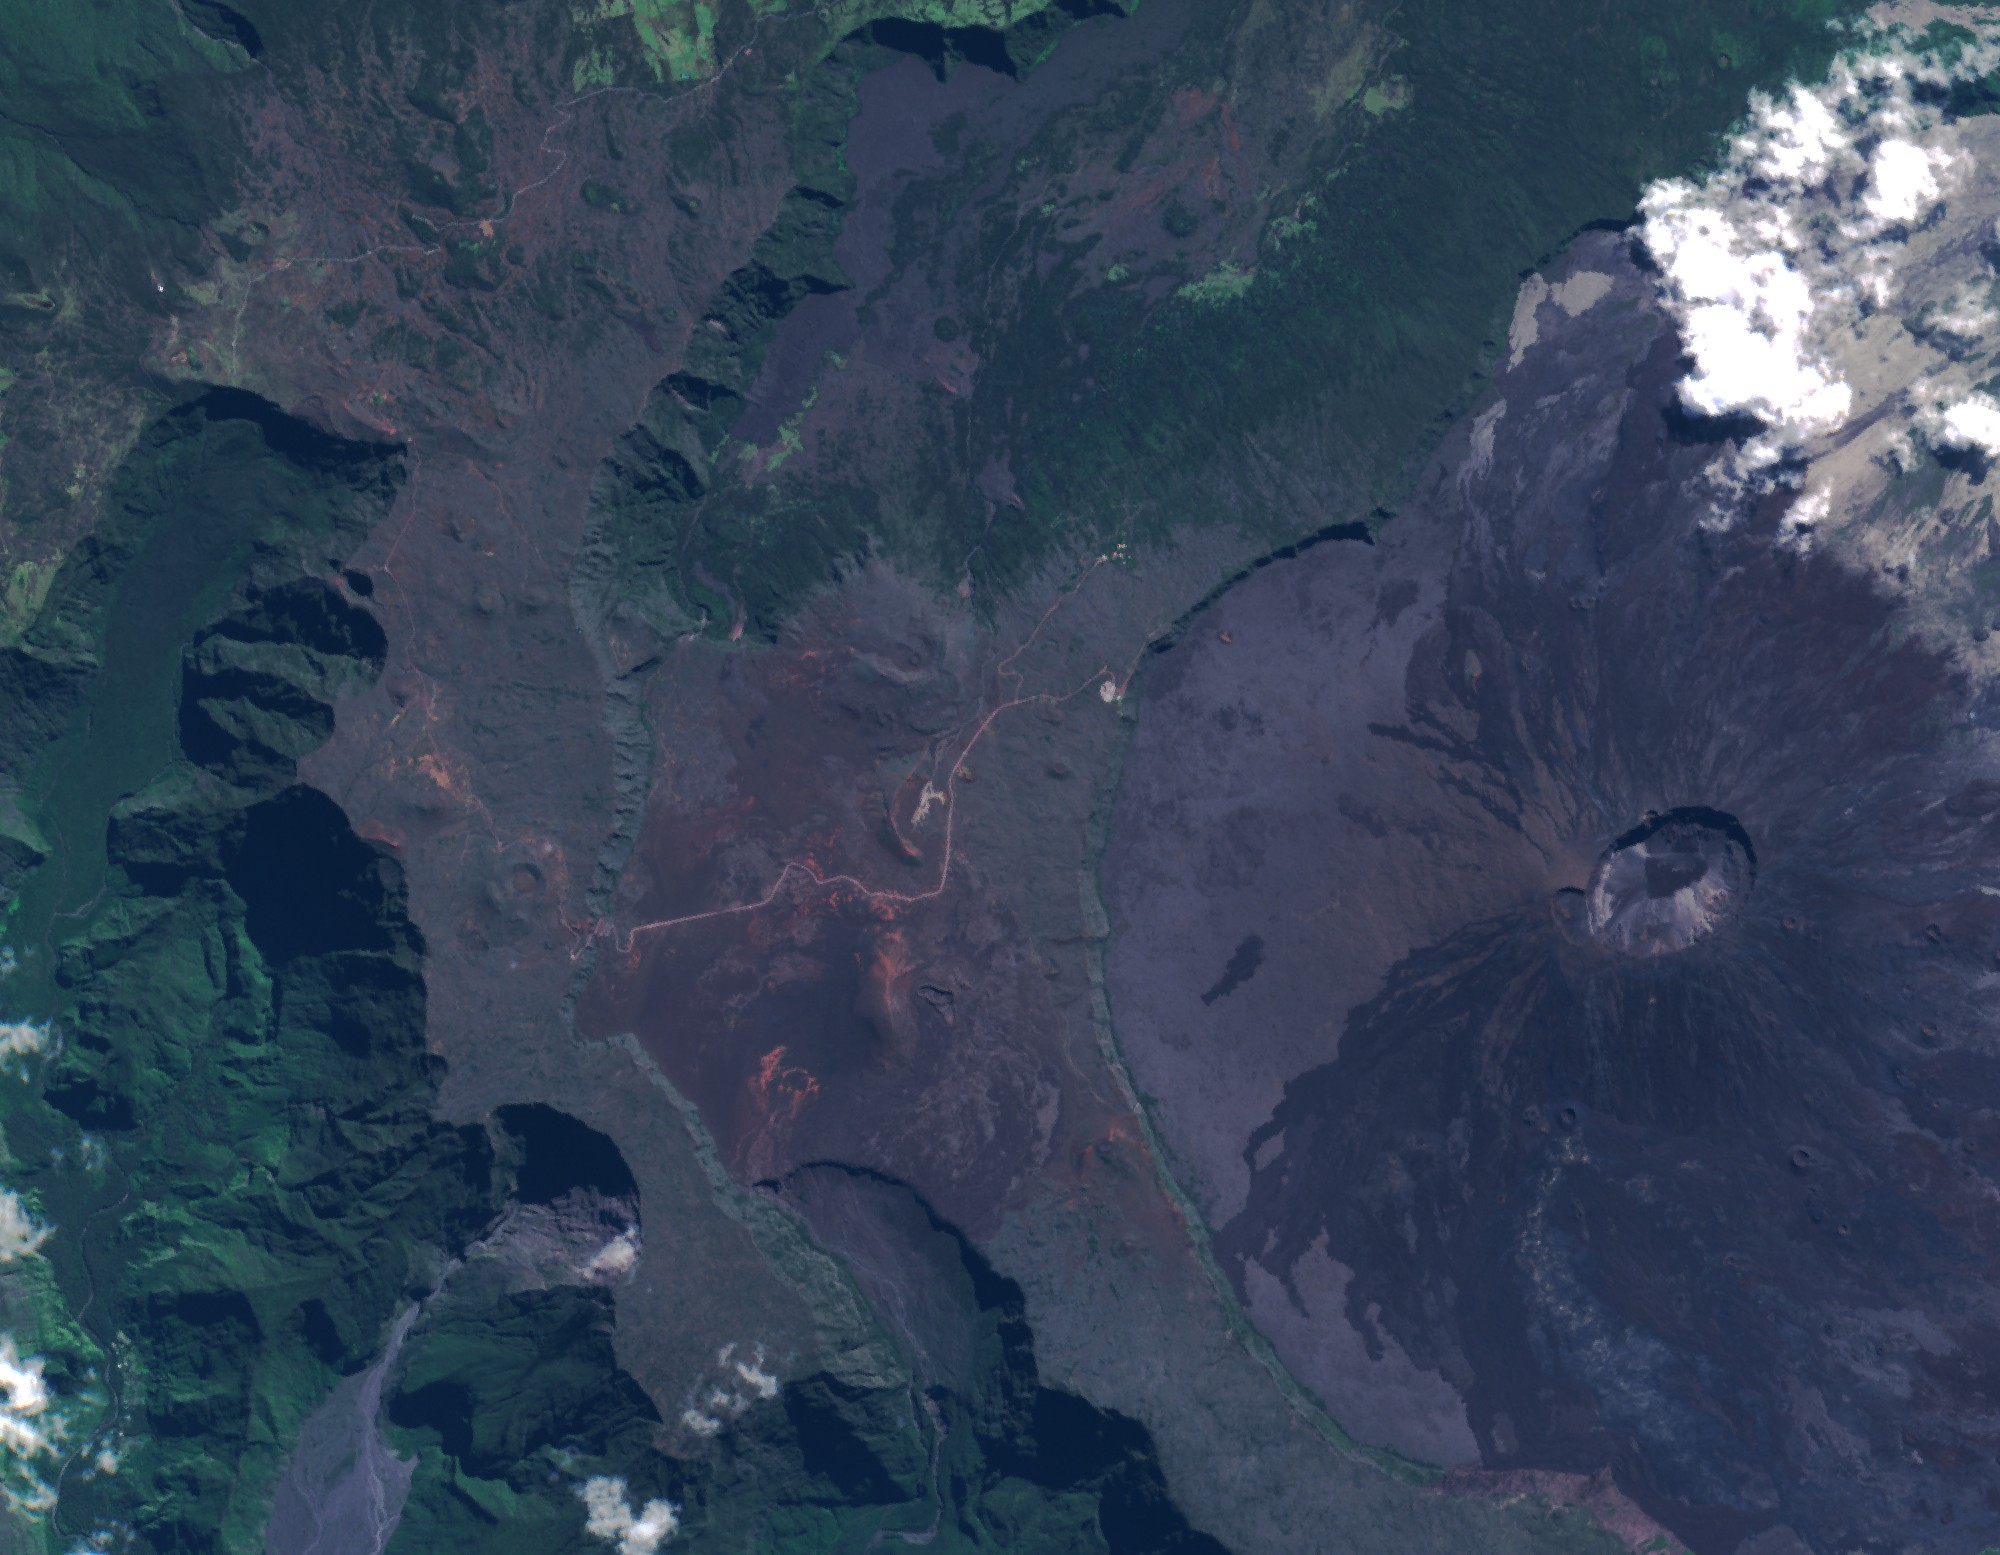 île de la Réunion - Satellite Sentinel-2A - Copernicus - ESA - Commission européenne - Piton de la fournaise